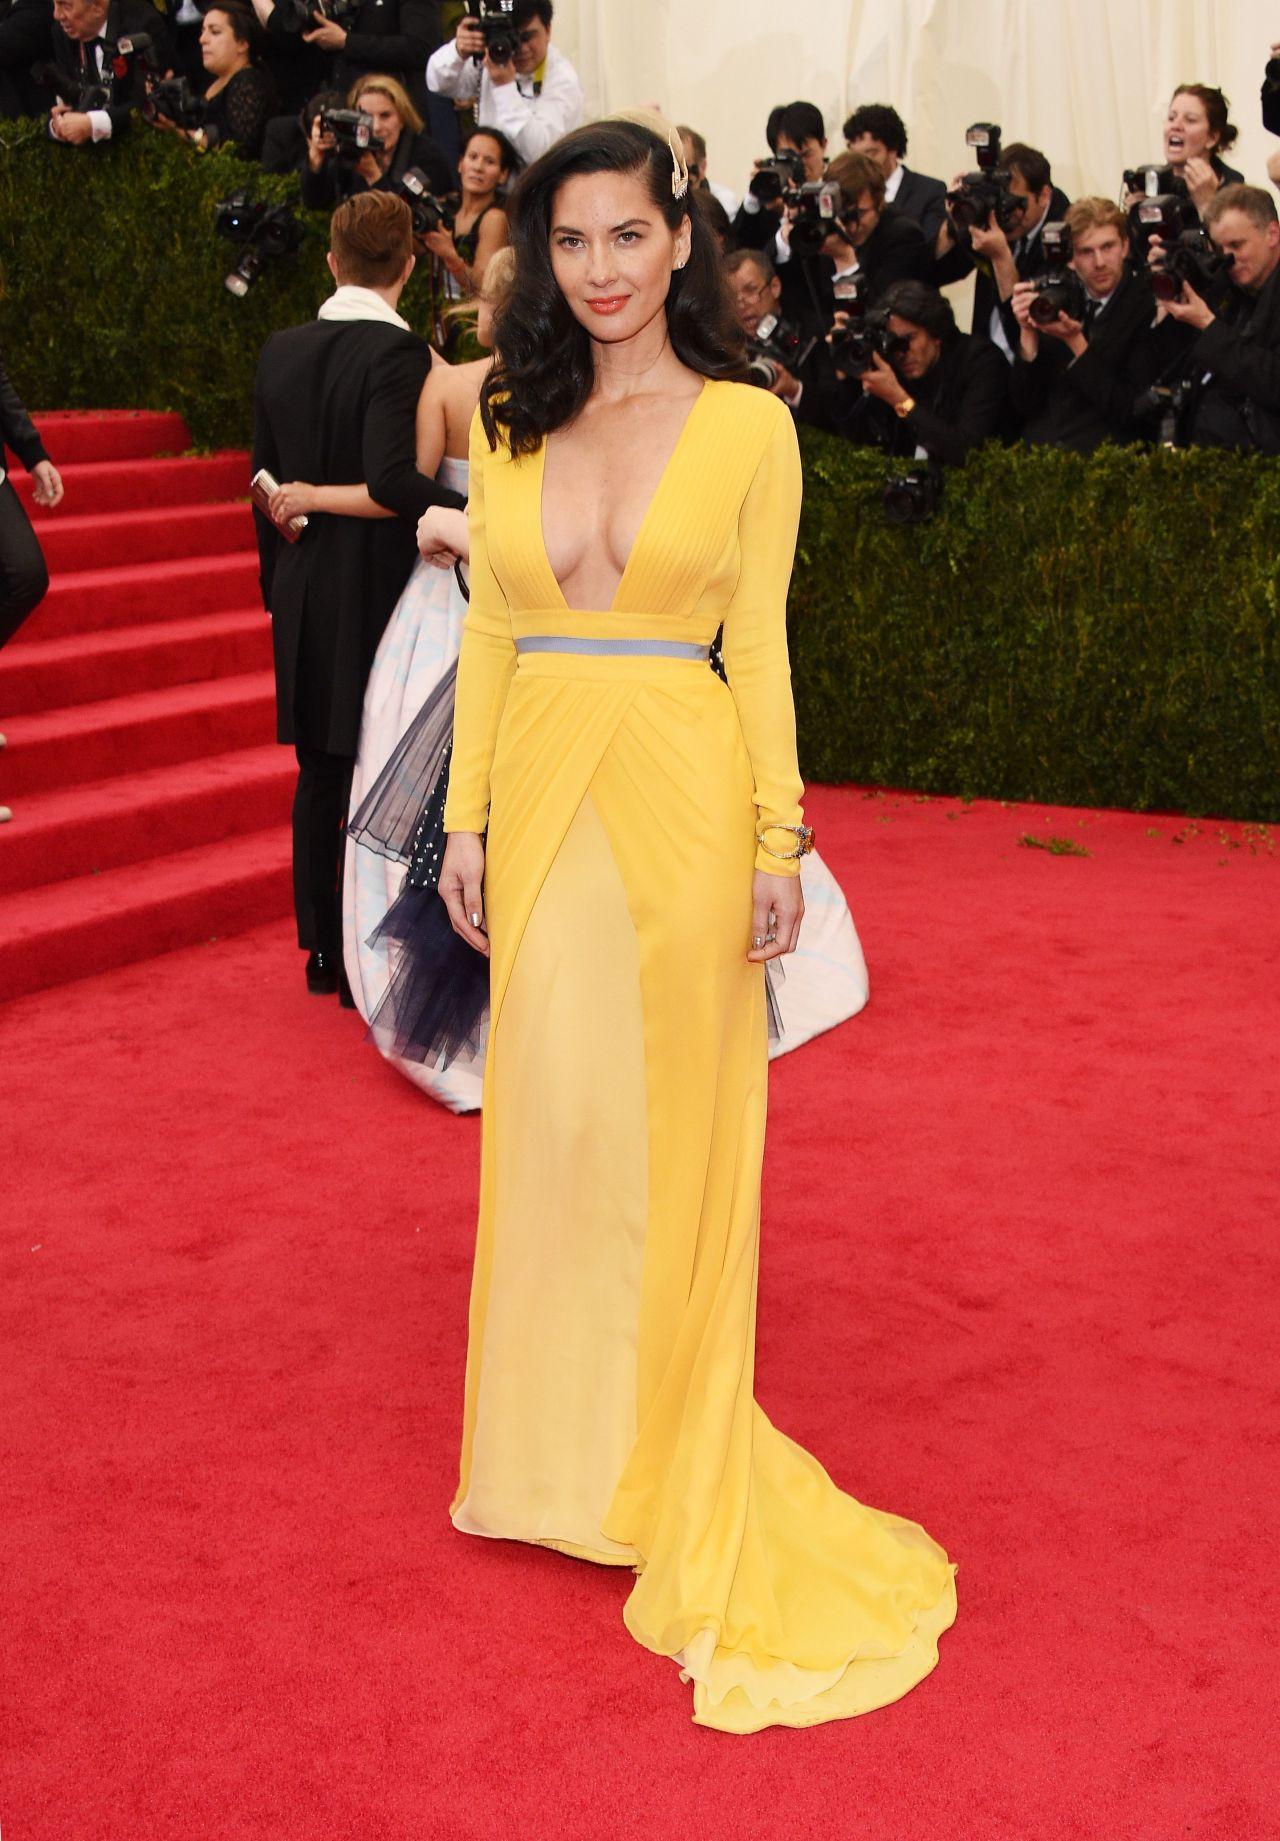 Olivia Munn Wearing Diane Von Furstenberg Yellow Gown